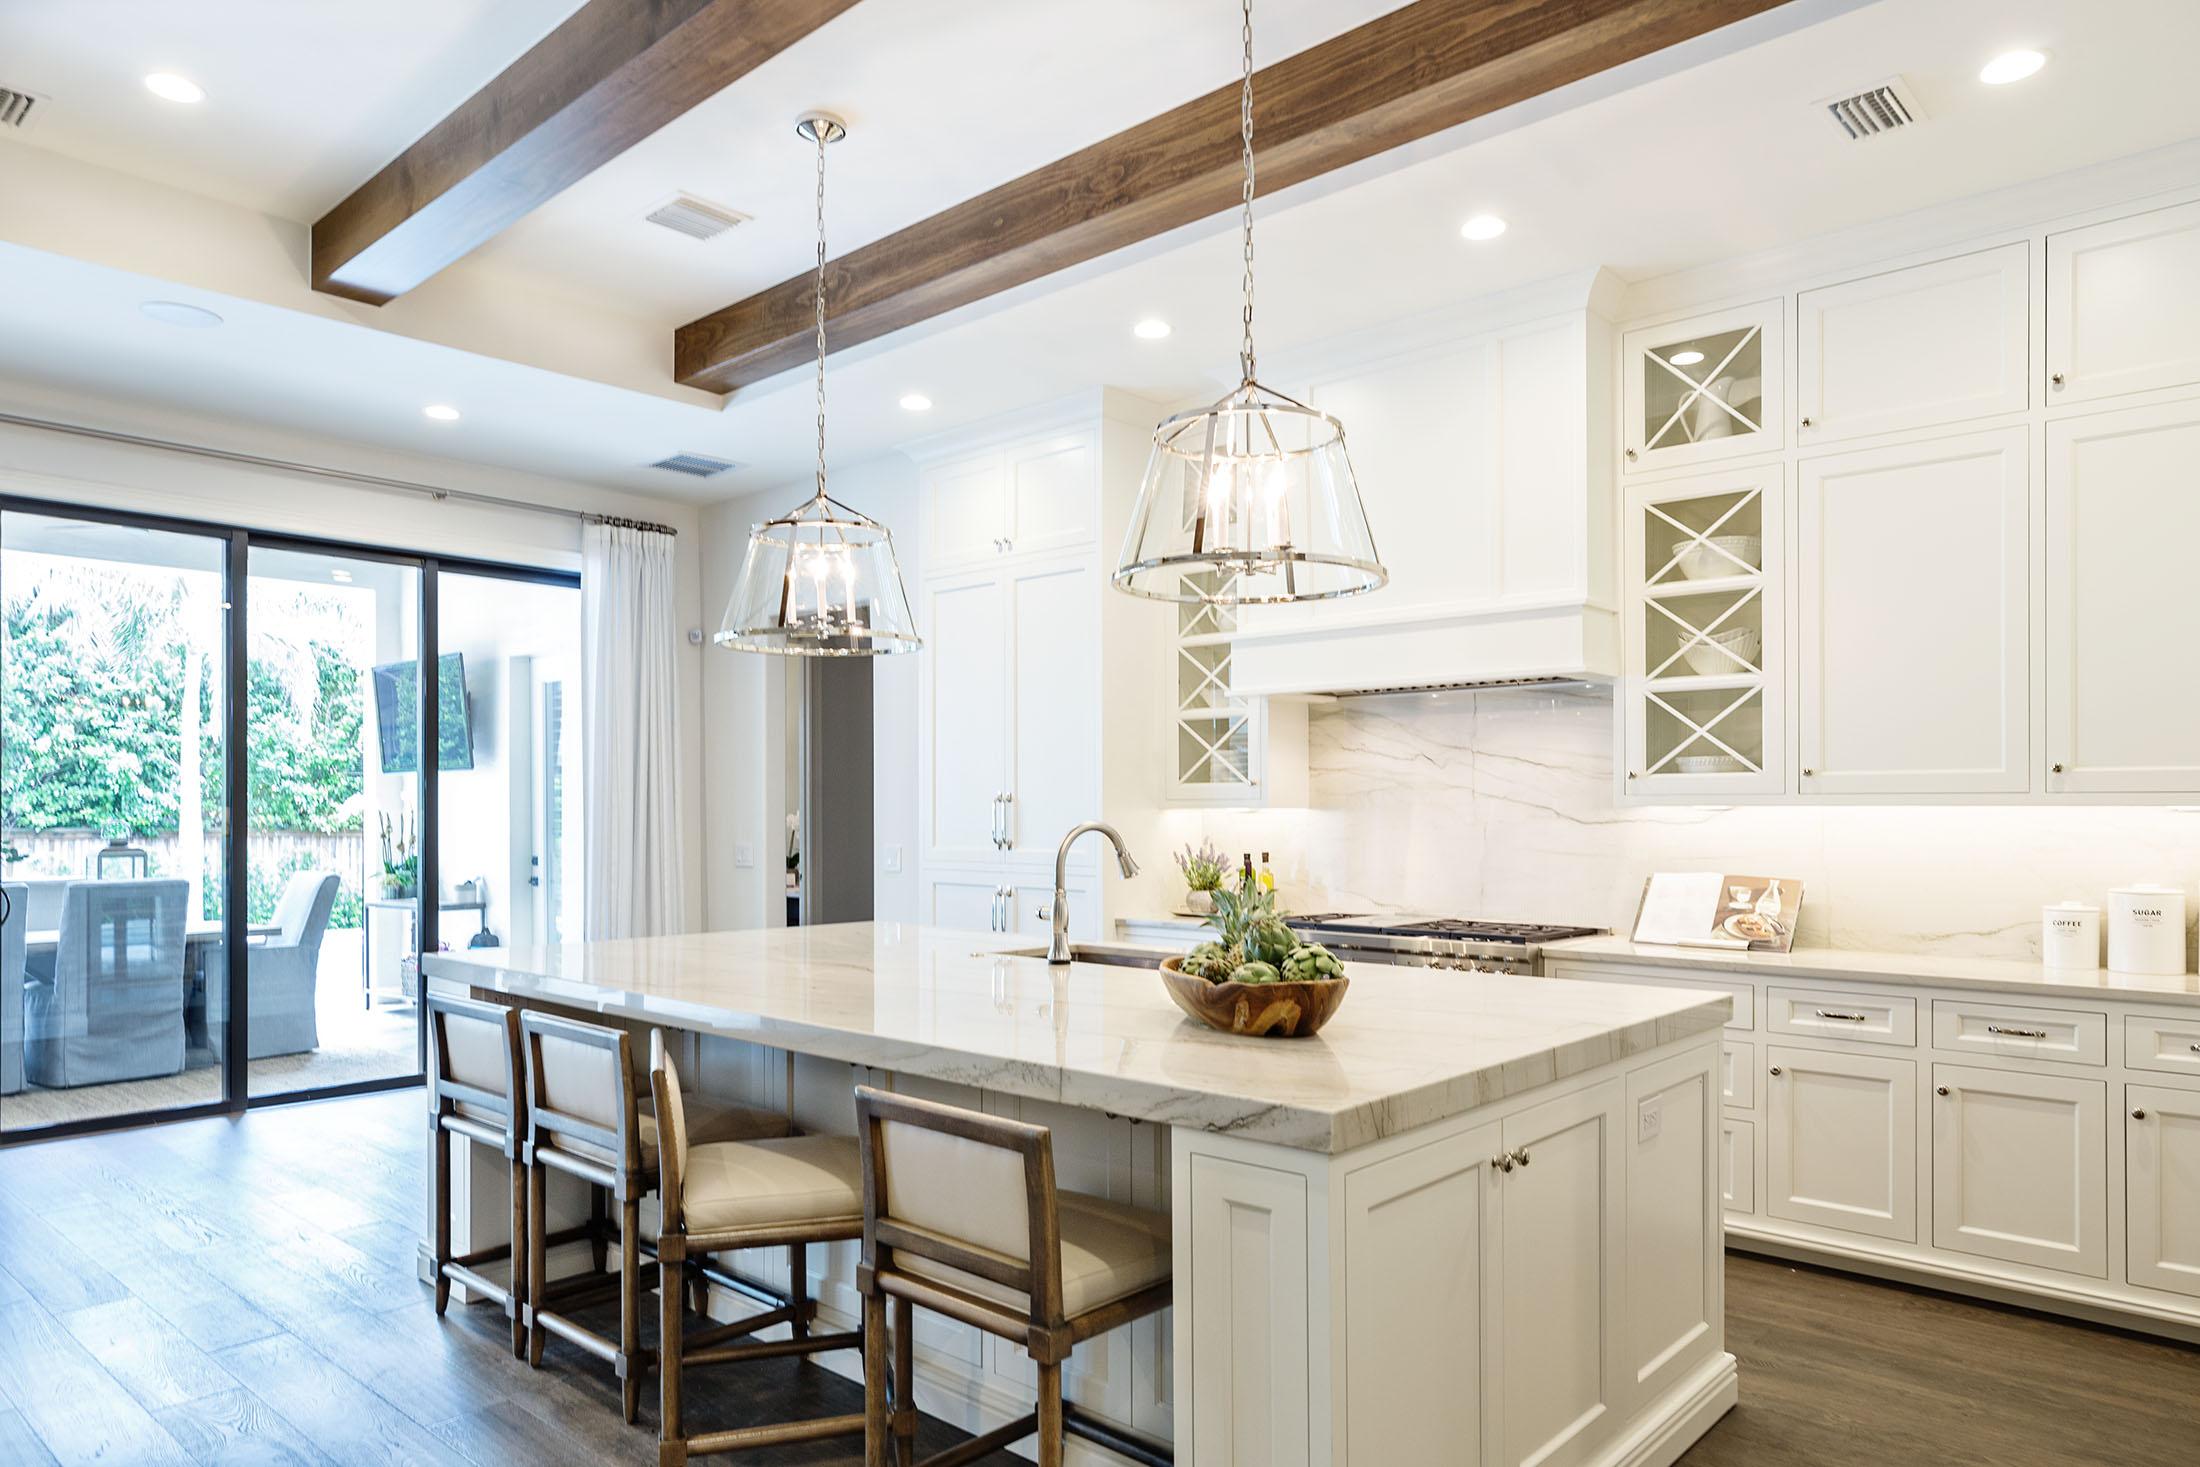 Complete Home Renovation in Winter Park - TotalCare Orlando